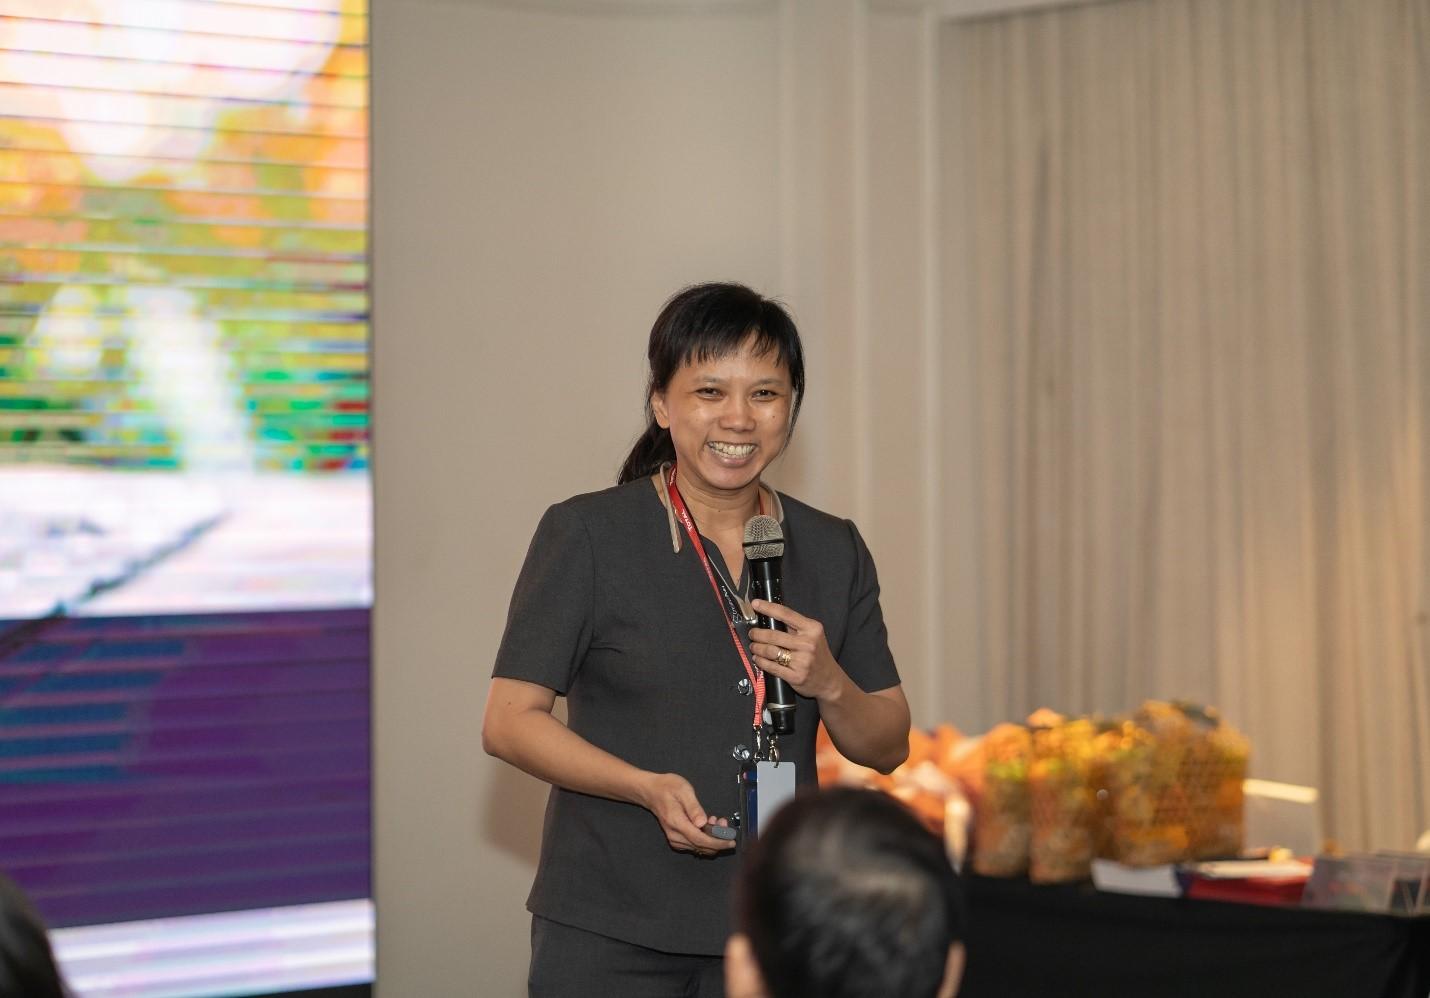 Buổi tọa đàm - kết nối doanh nghiệp: Giải pháp cho bài toán ứng dụng Marketing kỹ thuật số vào kinh doanh 2